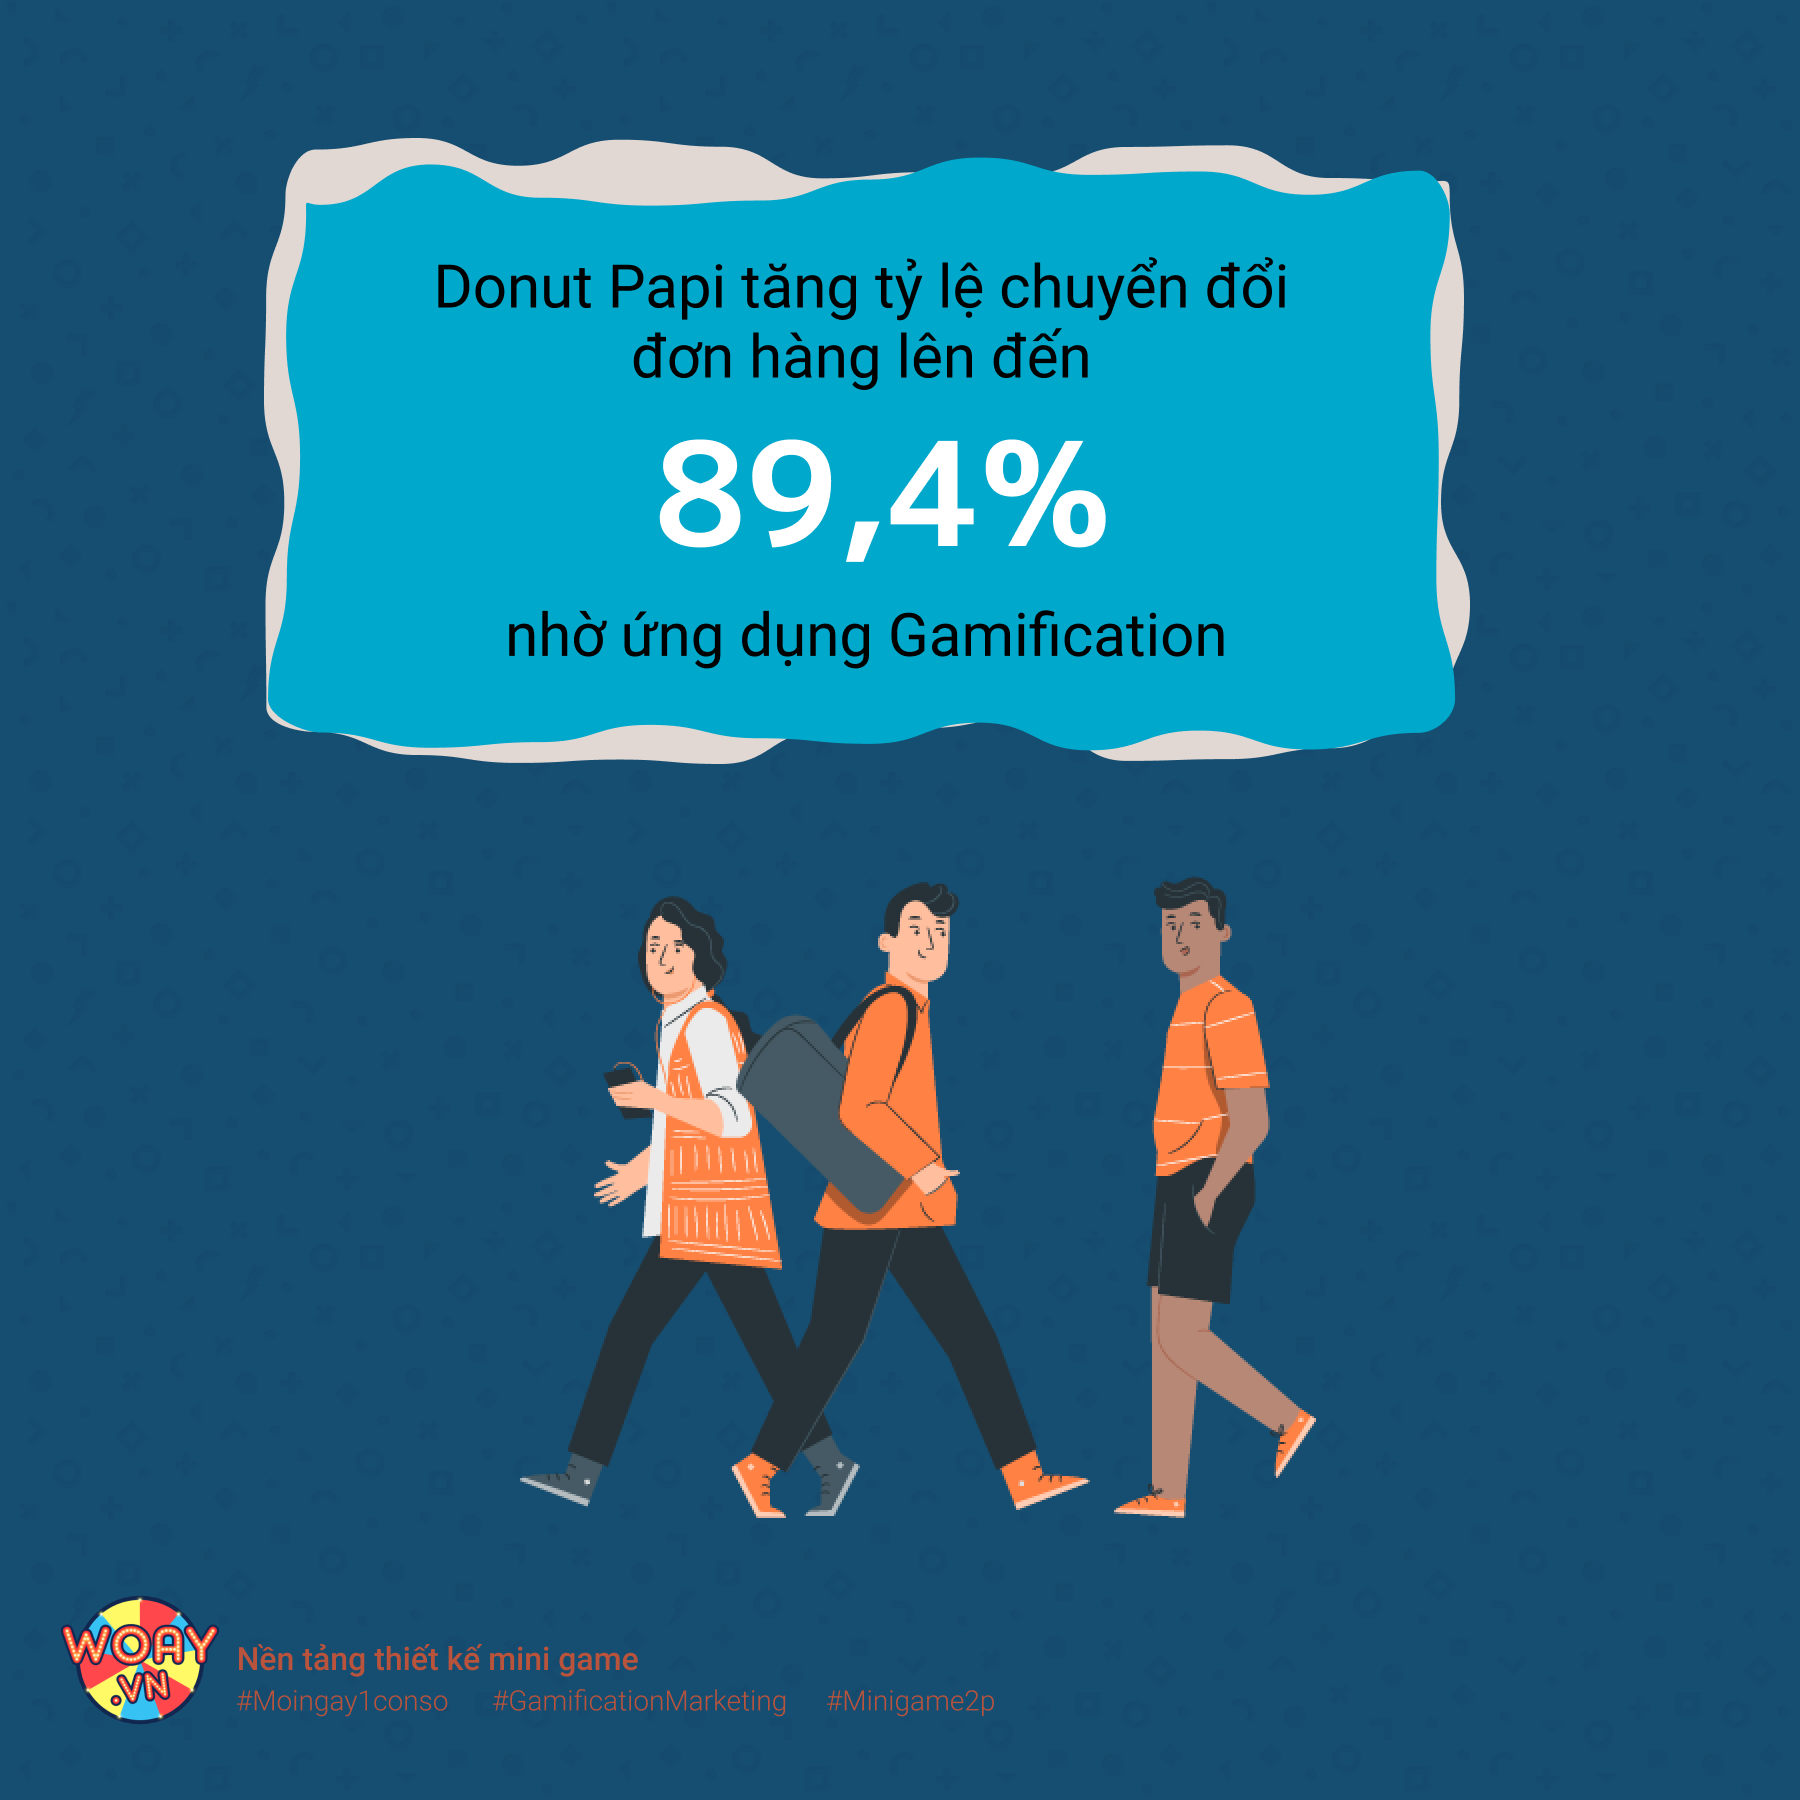 Donut Papi tăng tỷ lệ chuyển đổi đơn hàng lên đến 89,4% nhờ ứng dụng Gamification